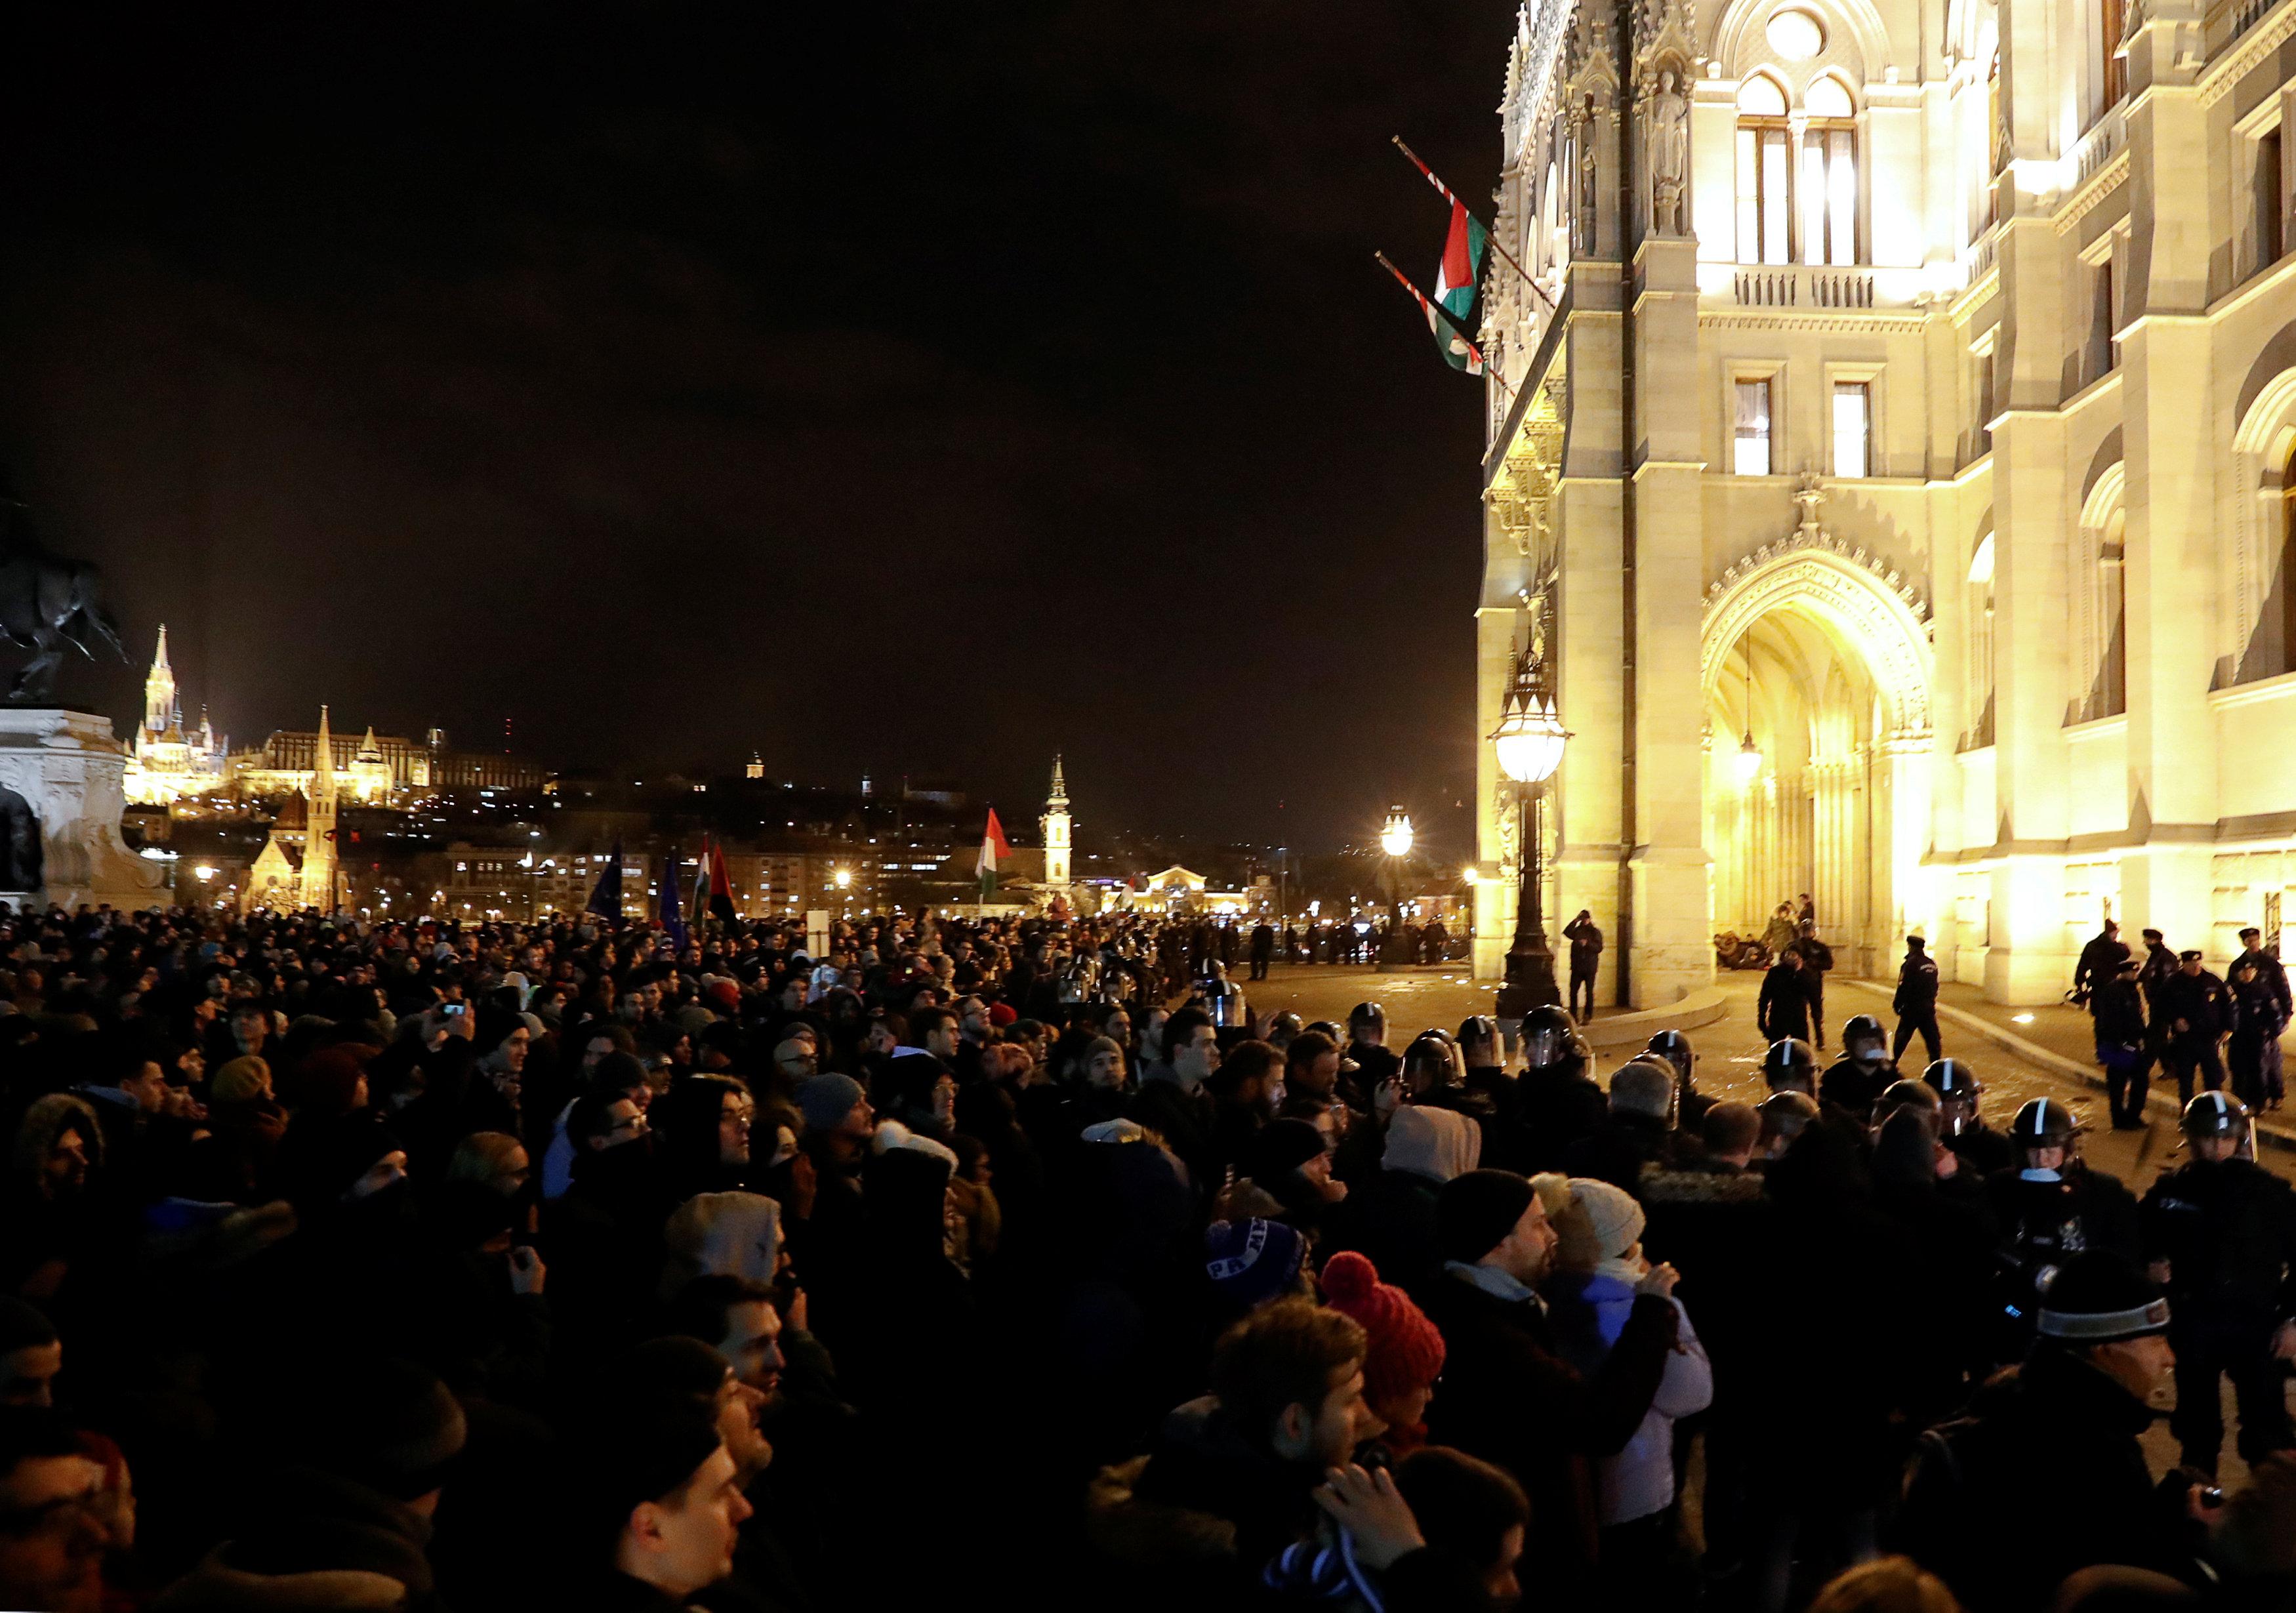 احتجاجات فى المجر ضد قانون العمل الجديد (2)